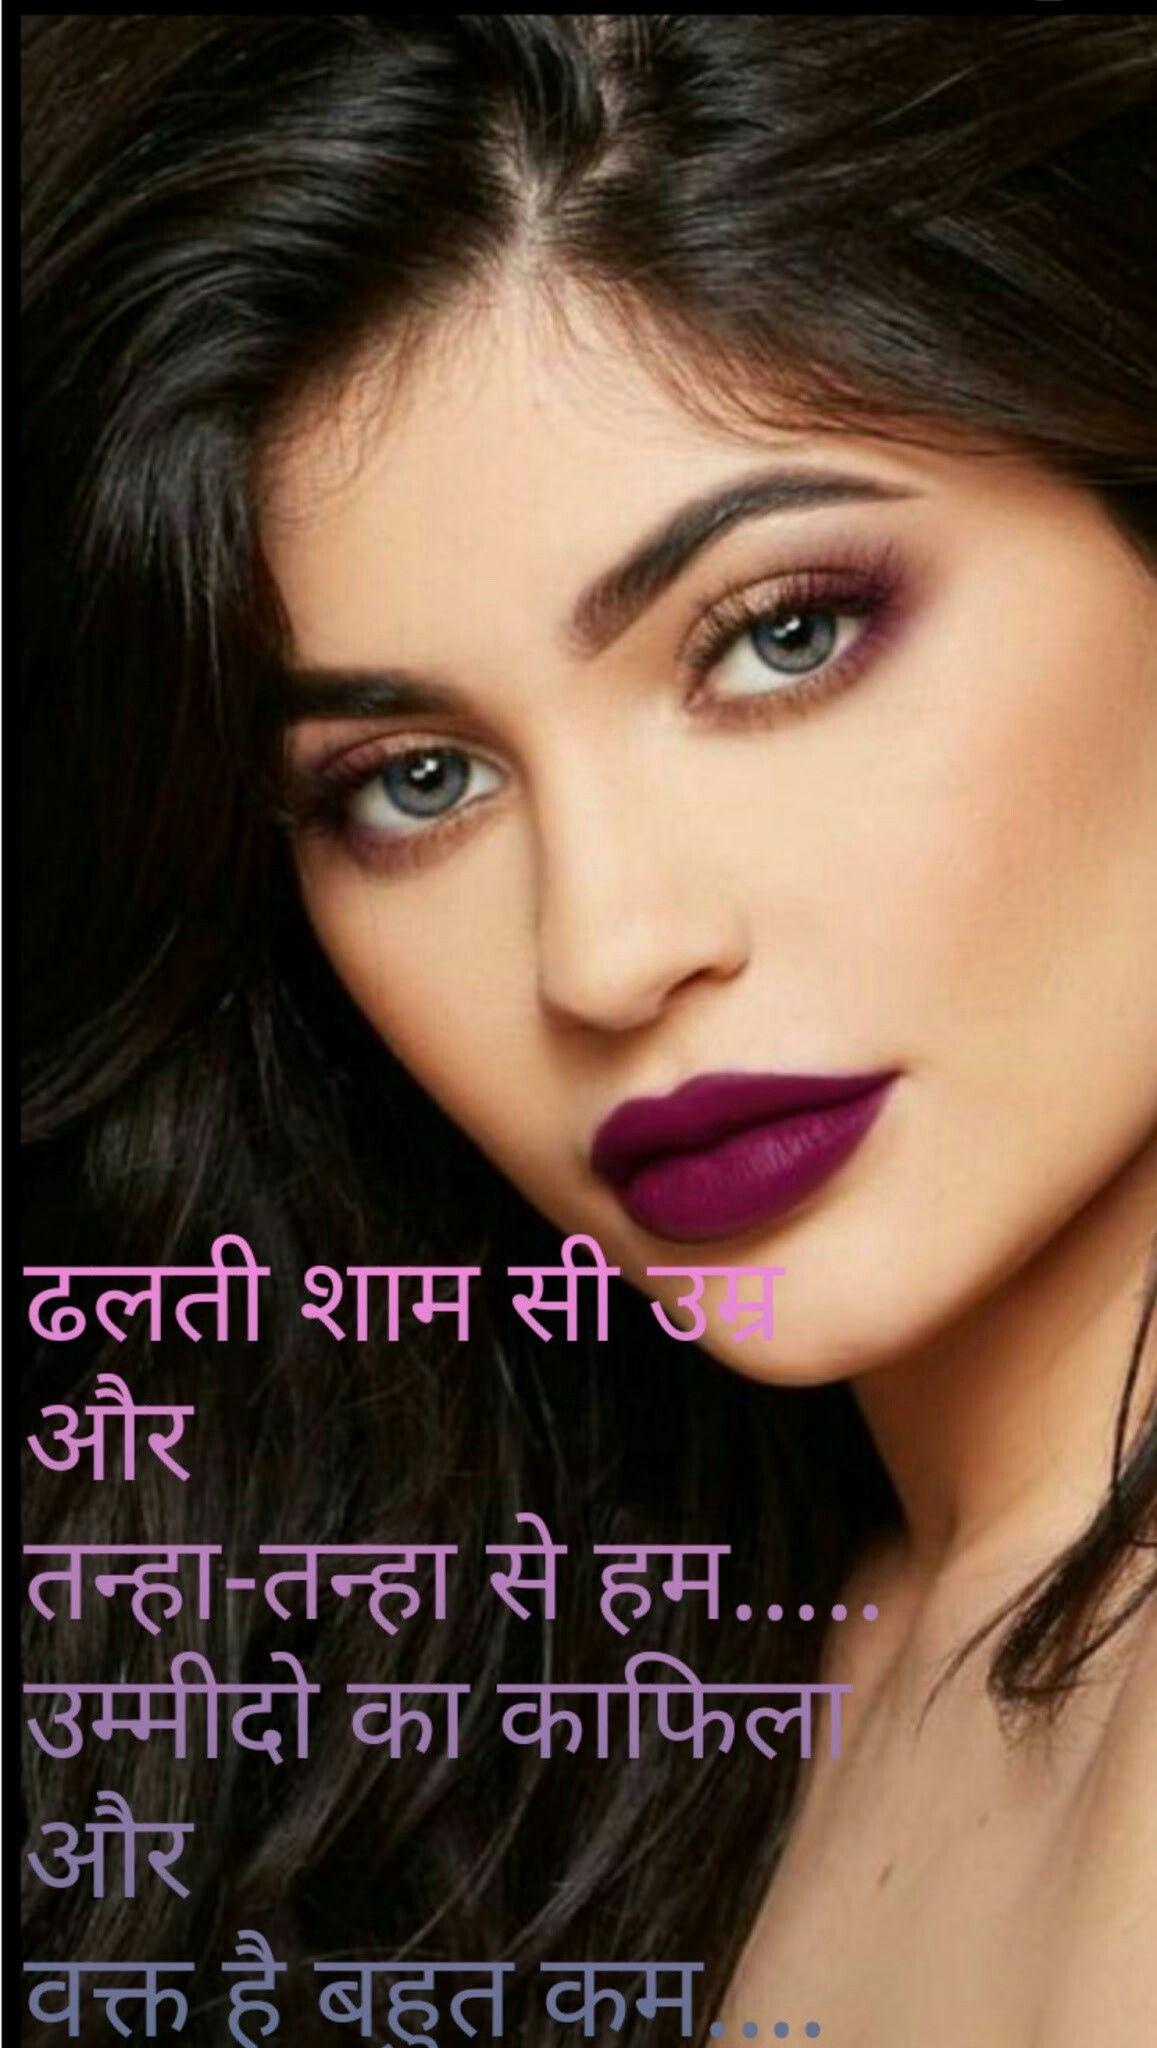 Pin By Basanta Nanda On Hindi Shayari My Mood Feelings Real